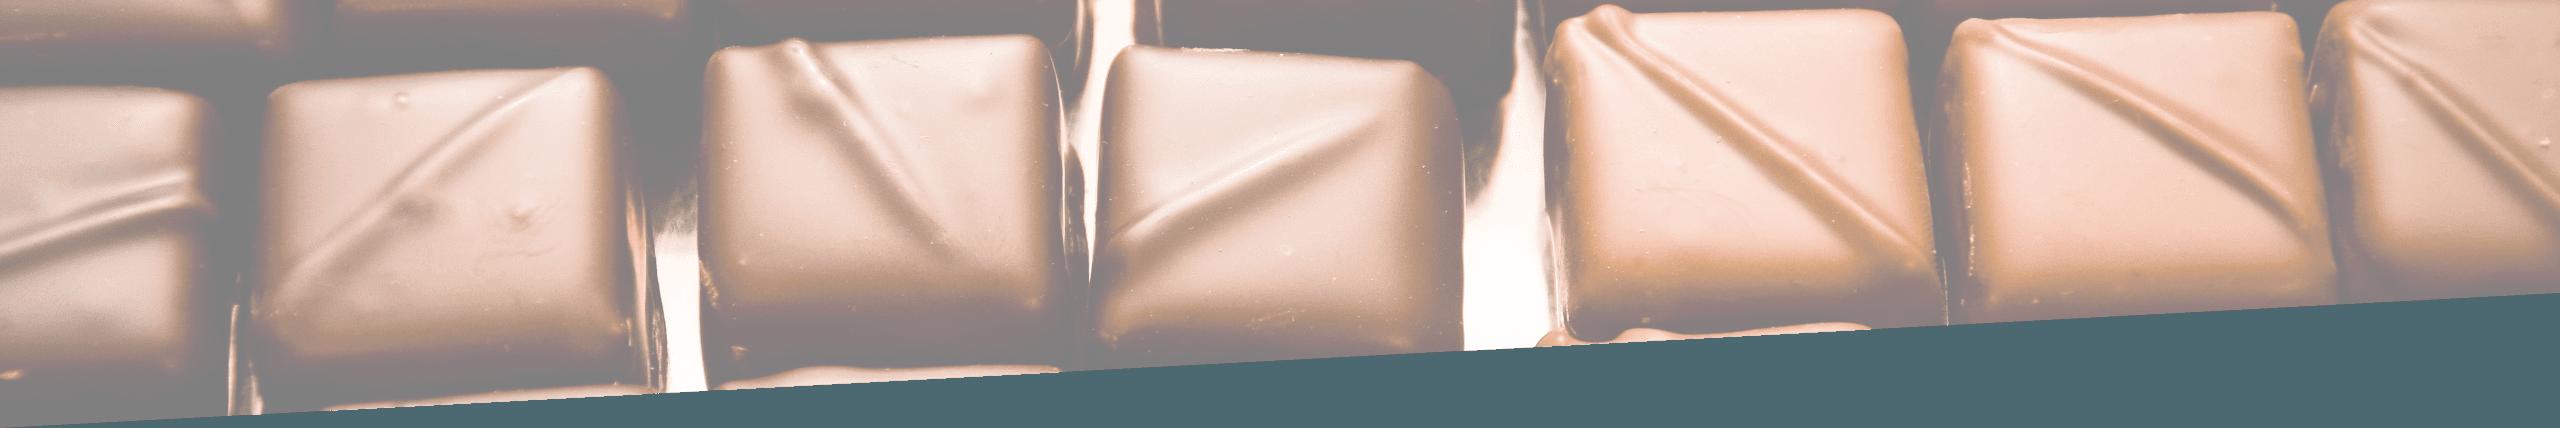 Chocolats, Emmanuel Mérimée, Manoir Desmares, Lisieux, Pont l'Évêque, Calvados, Normandie